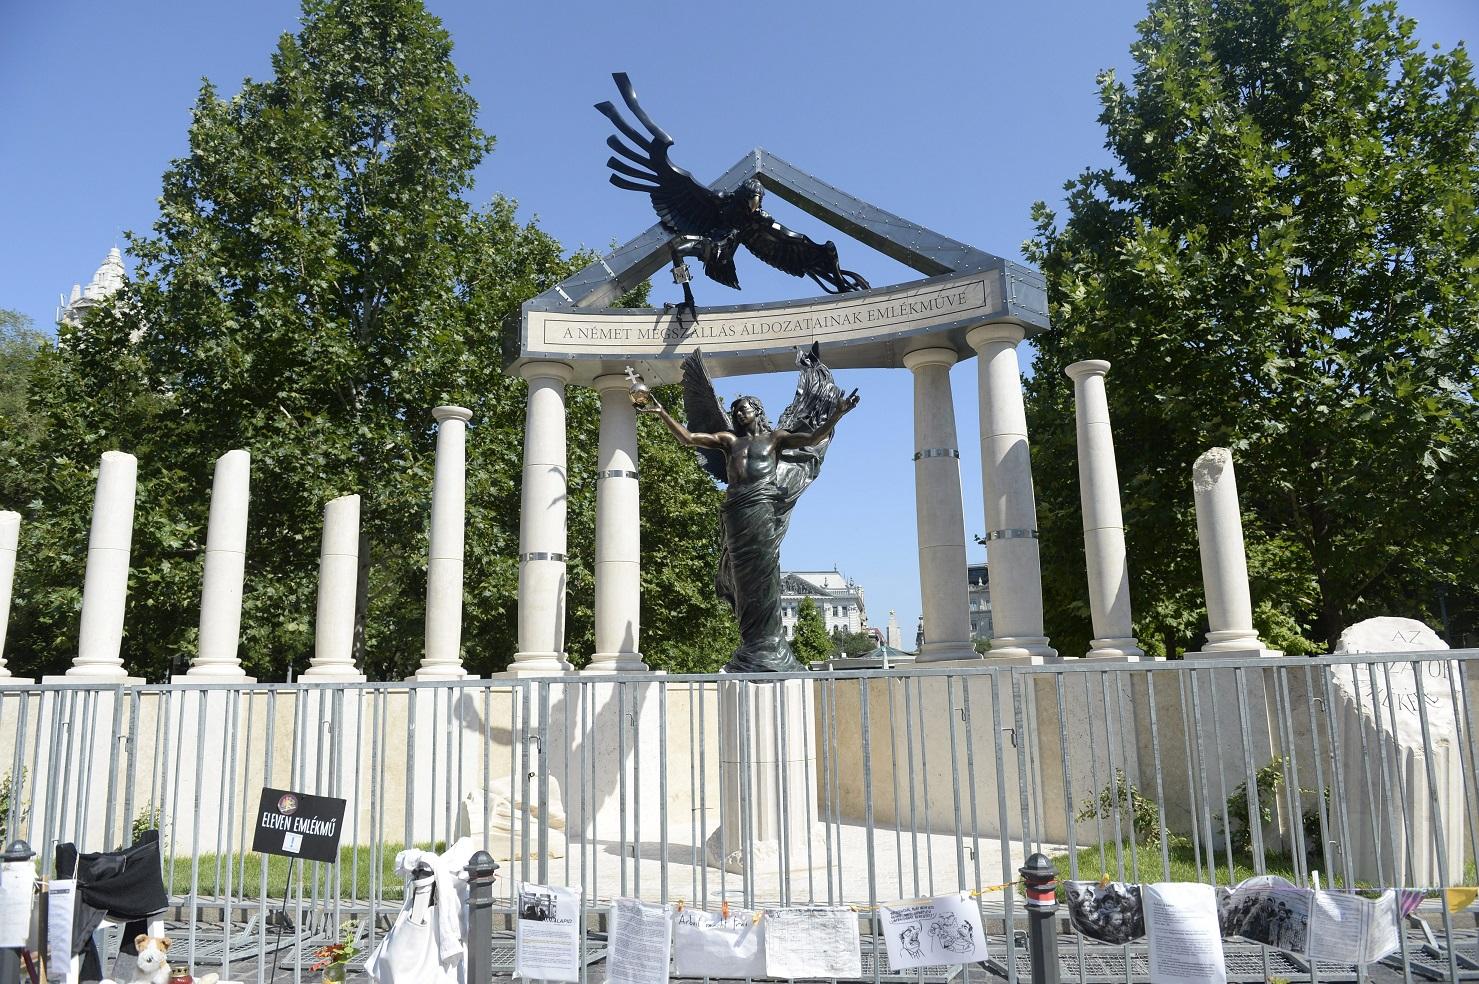 Újabb emlékművet kap a Szabadság tér: félmilliárdból épül egy fekete gránit obeliszk